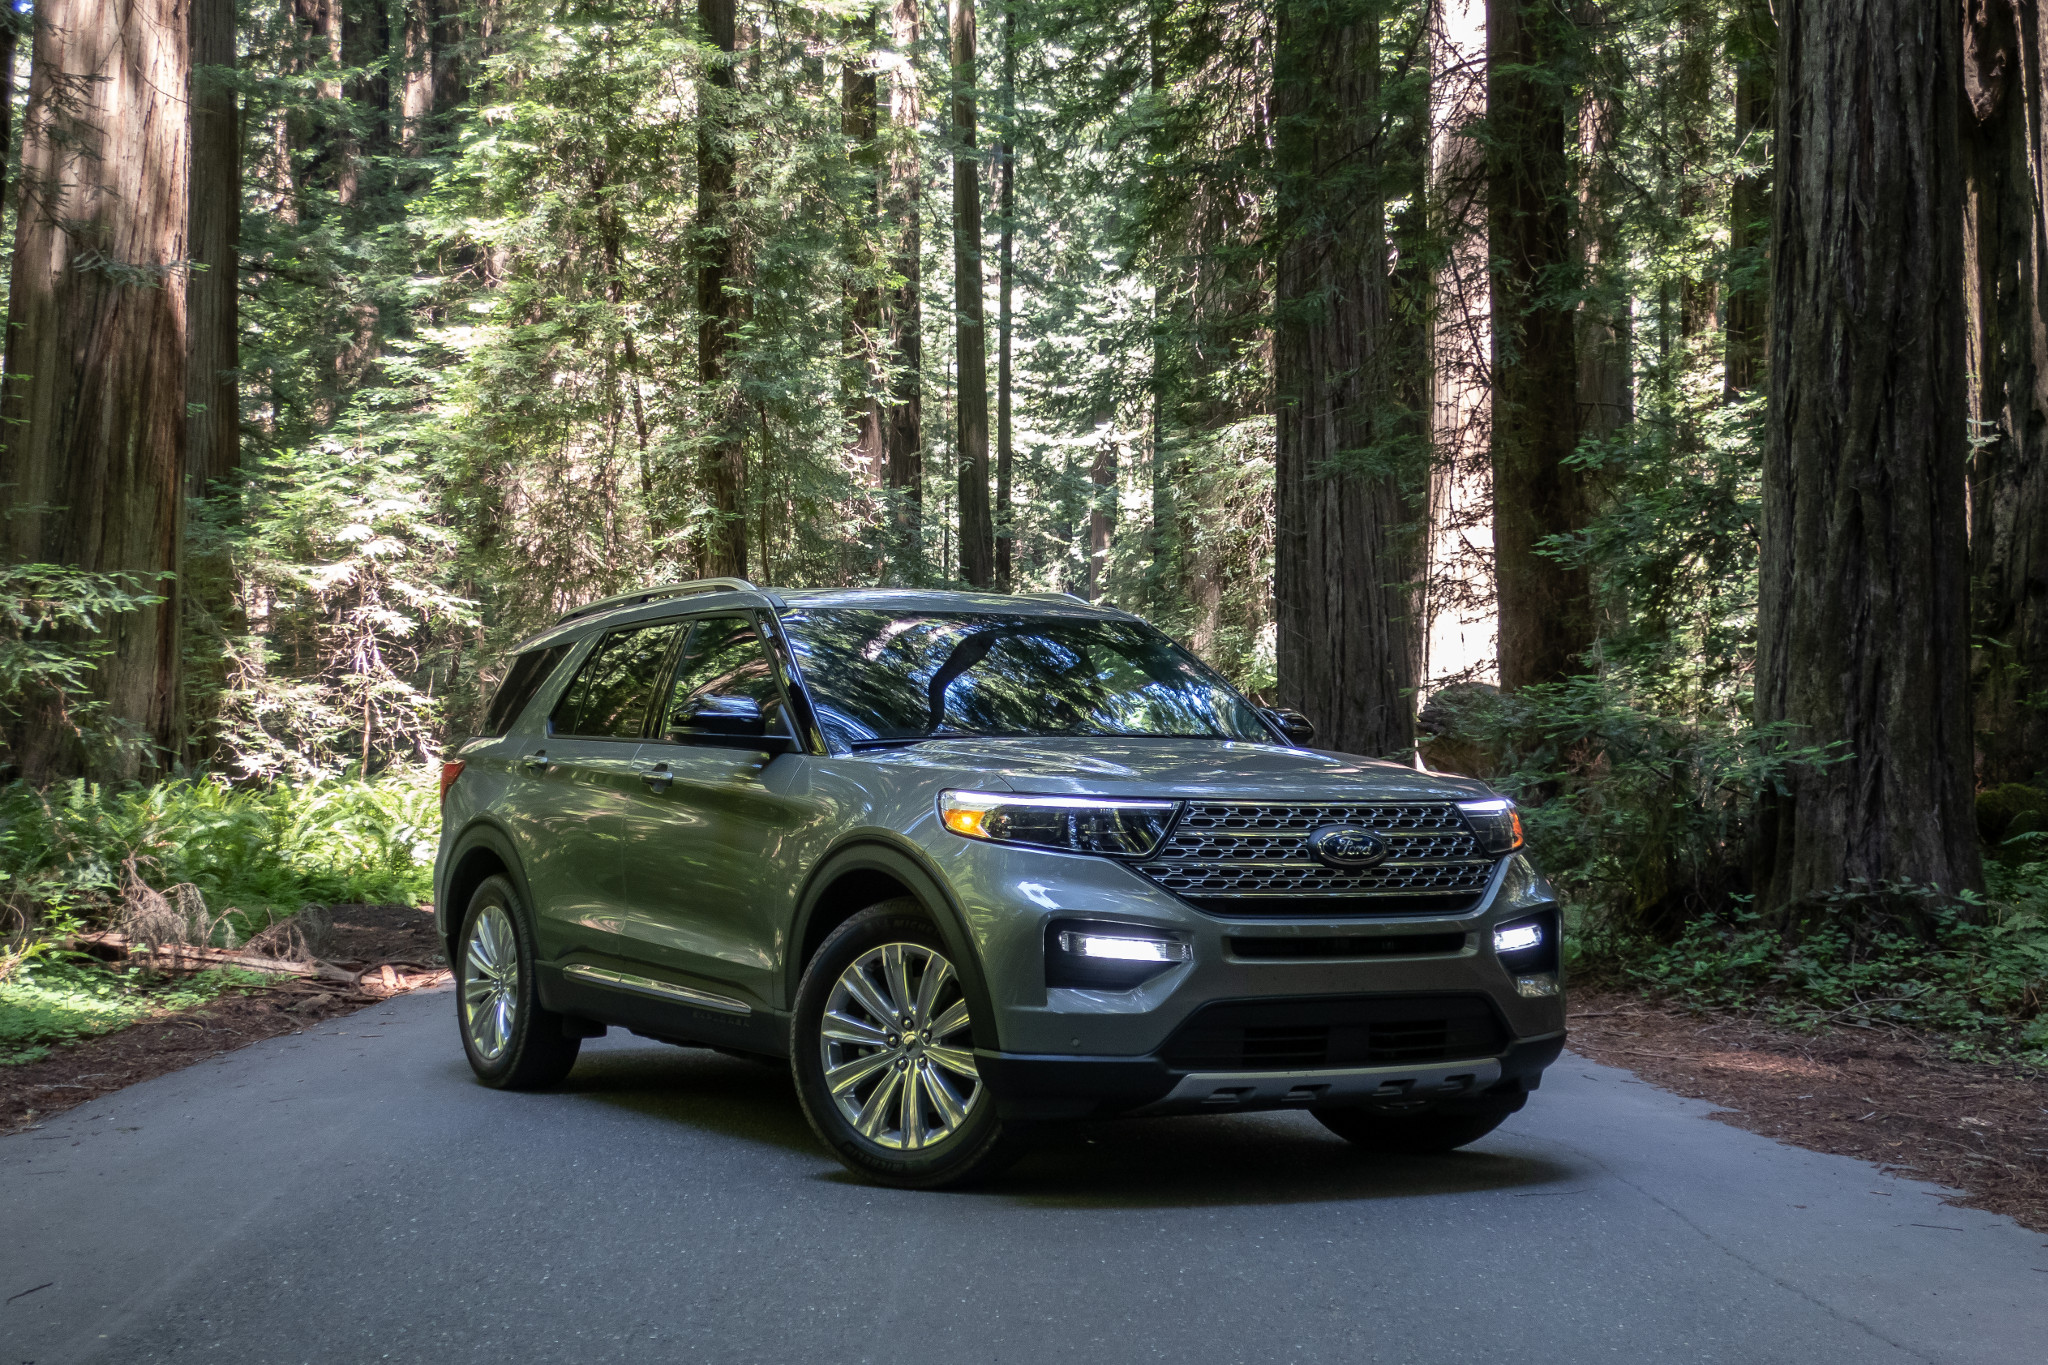 2017 Ford Explorer Mpg >> 2020 Ford Explorer Hybrid Real World Fuel Economy News